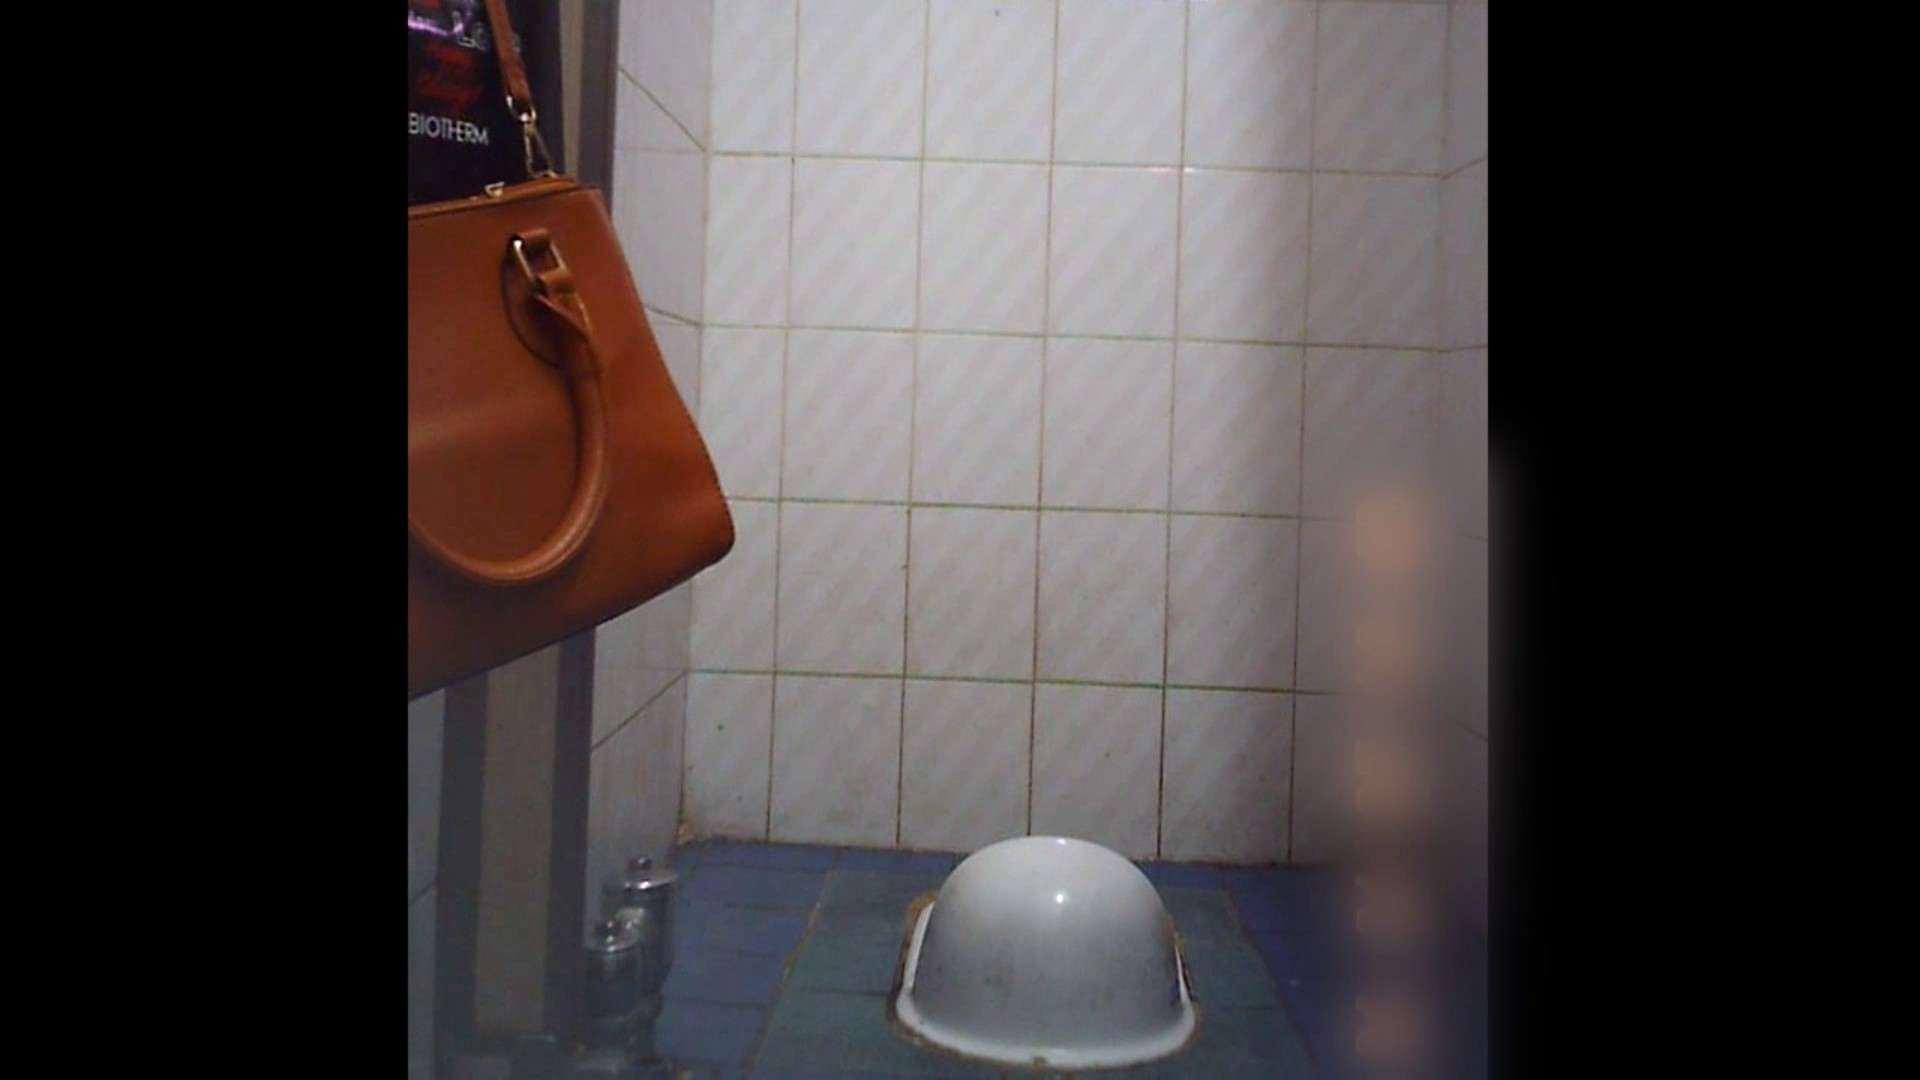 潜入!!韓国秘密のトイレ!Vol.12 潜入女子トイレ  78PIX 16